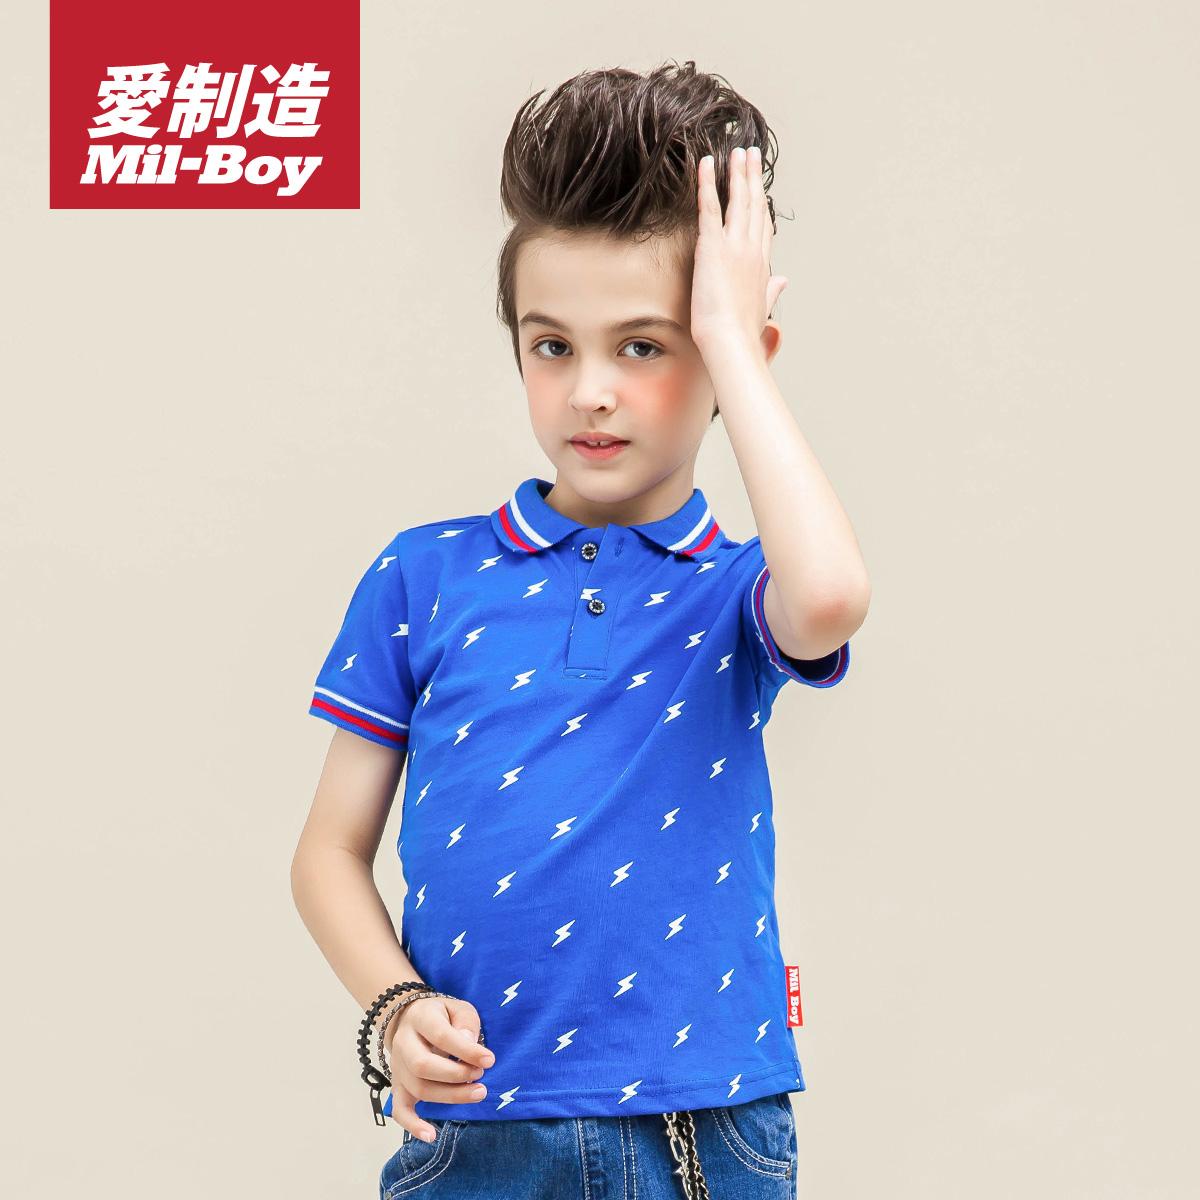 綠盒子 愛 男童滿版閃電印花棉質POLO衫2016夏新短袖T恤